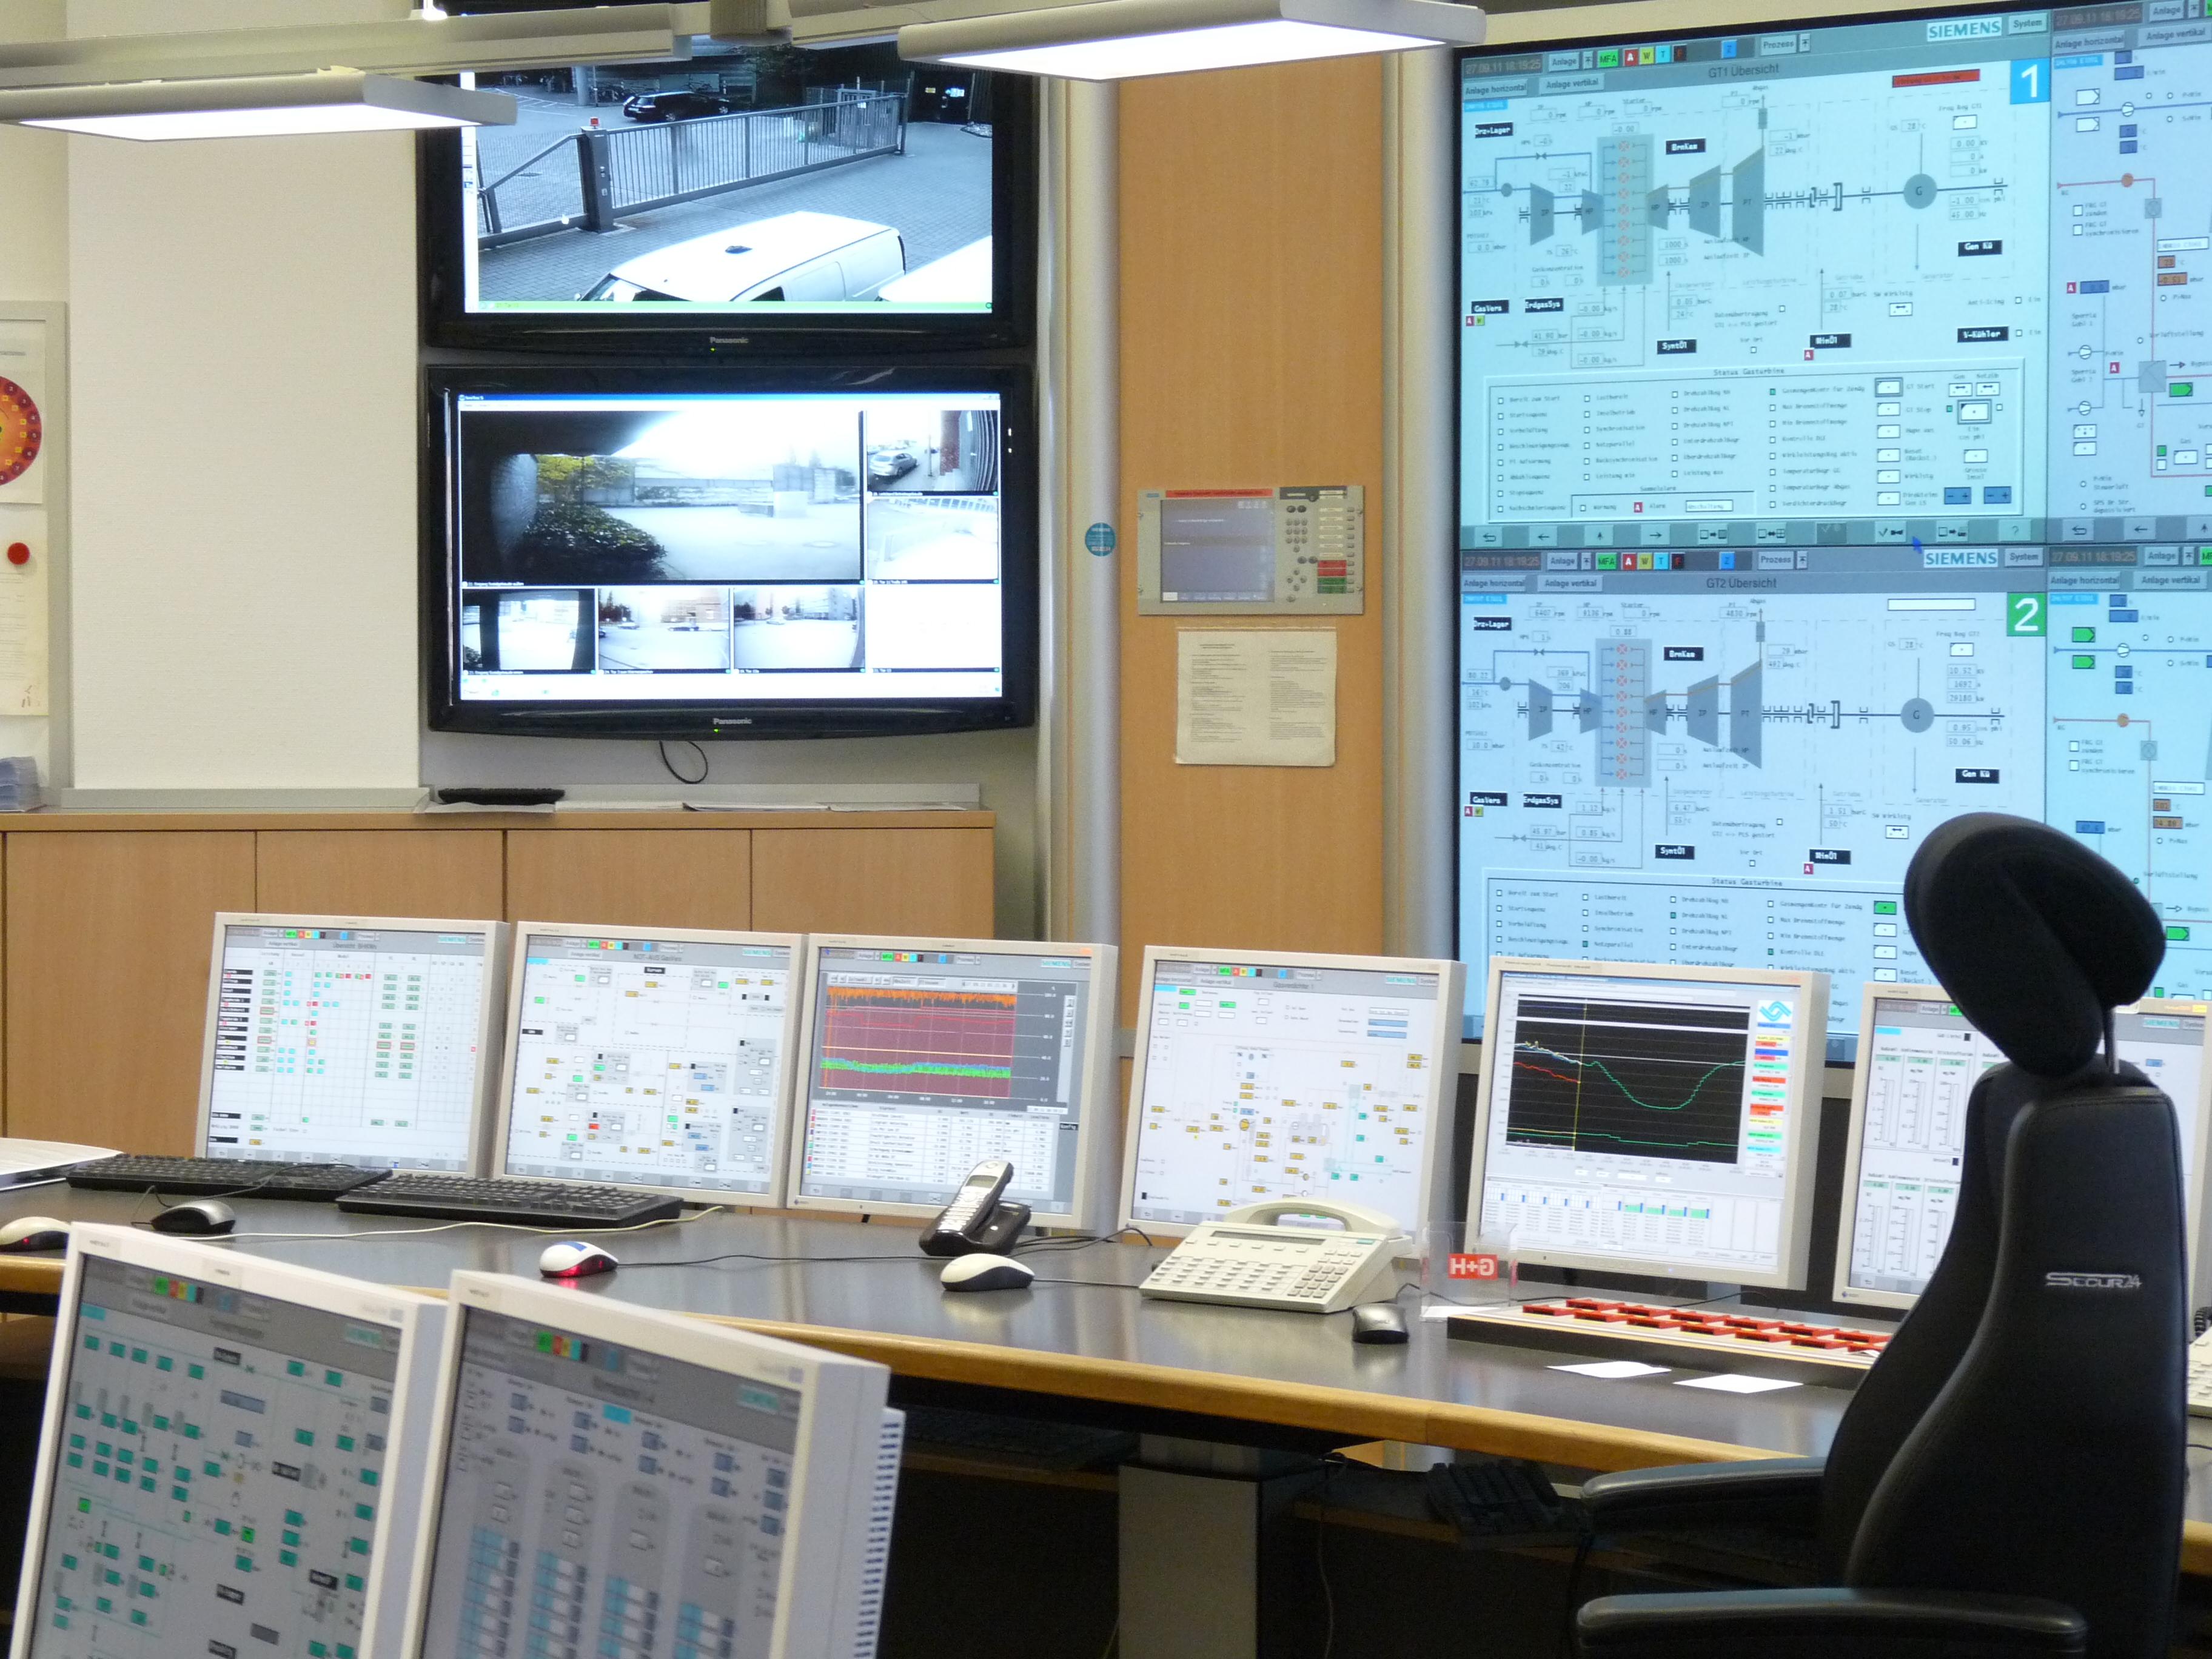 hvor gjøre jeg feste opp to monitorer å ettall PC Harry og Taylor dating igjen